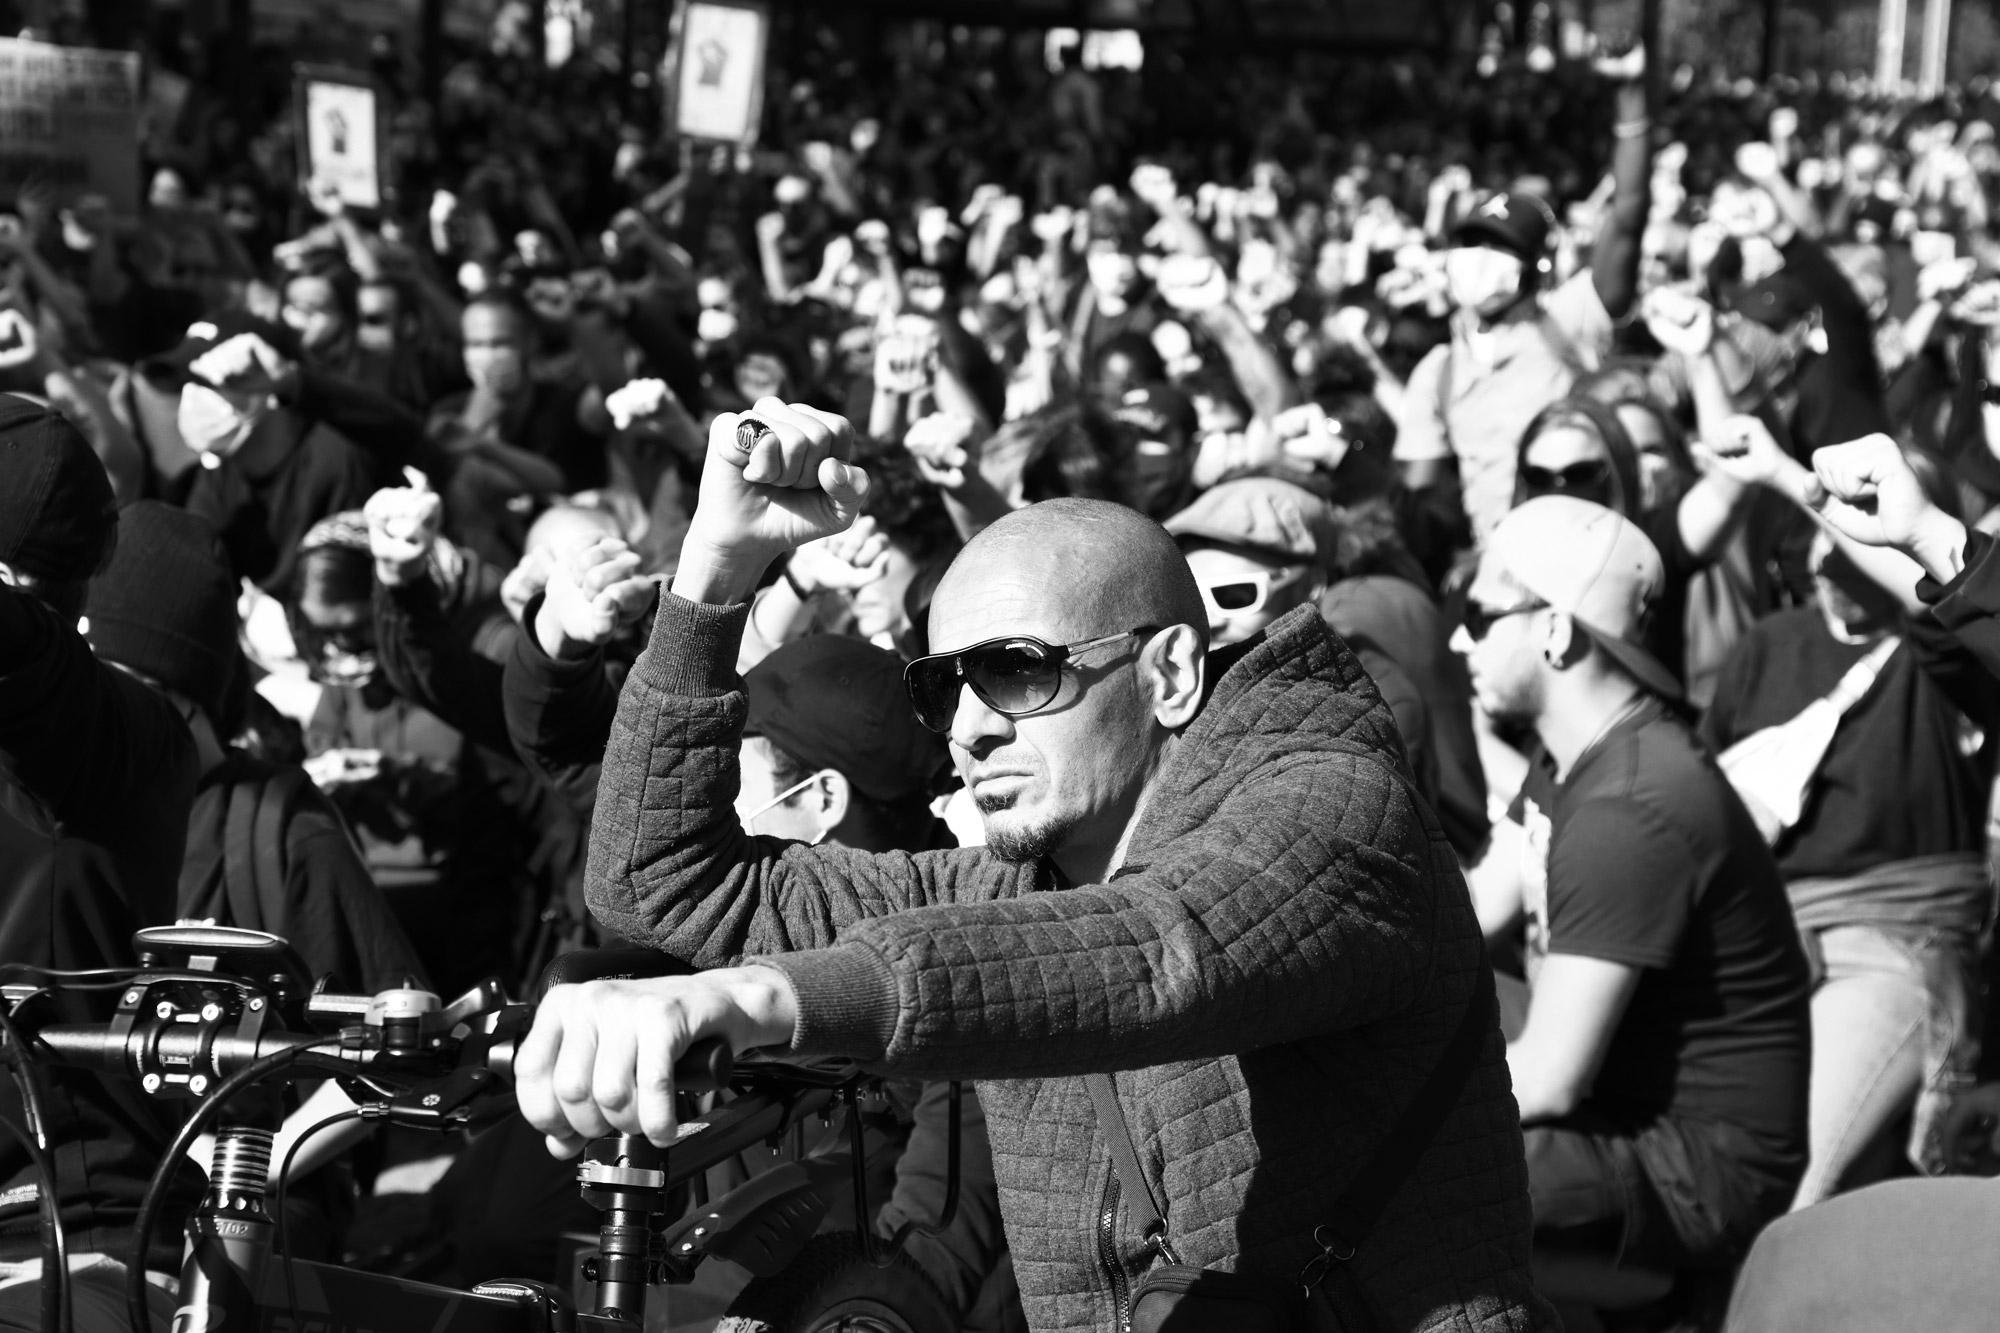 """""""Respect"""" - Rassemblement contre les violences policières, Nantes (6 juin 2020). ©Clémence Rougetet"""